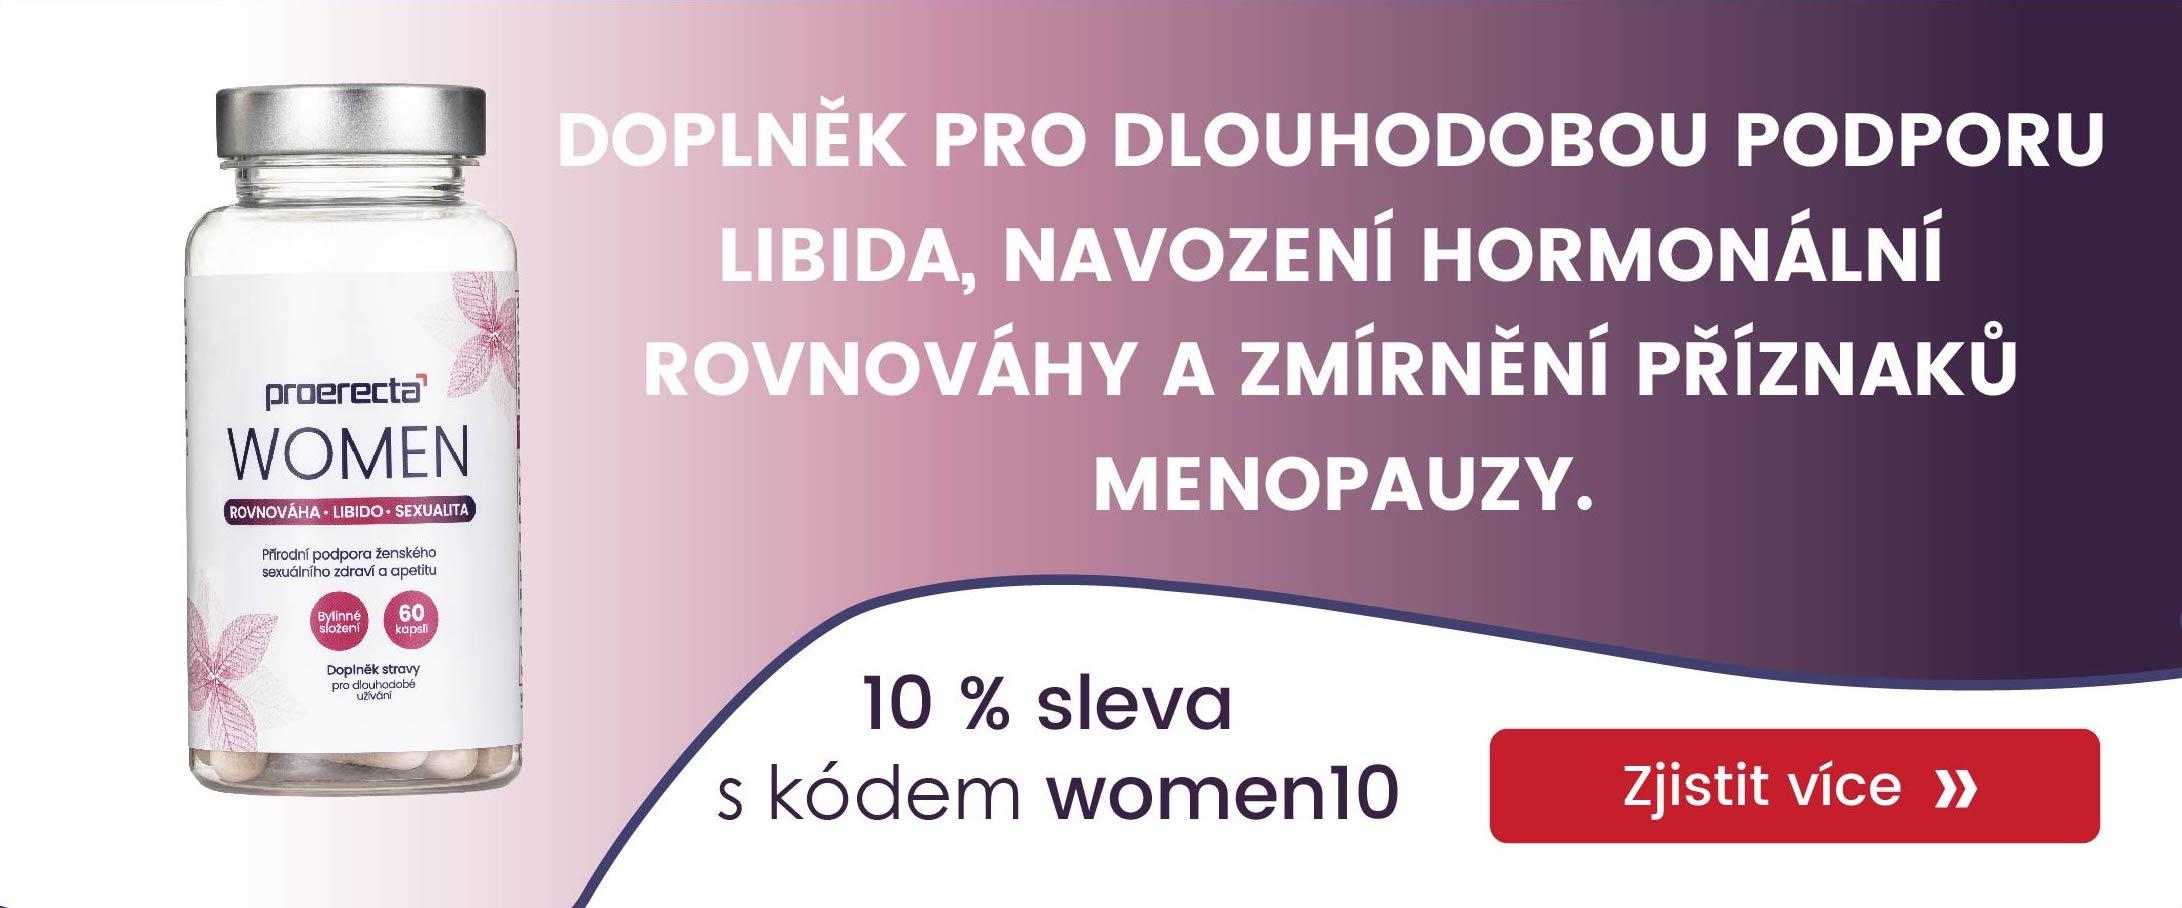 Proerecta WOMEN slevový kód